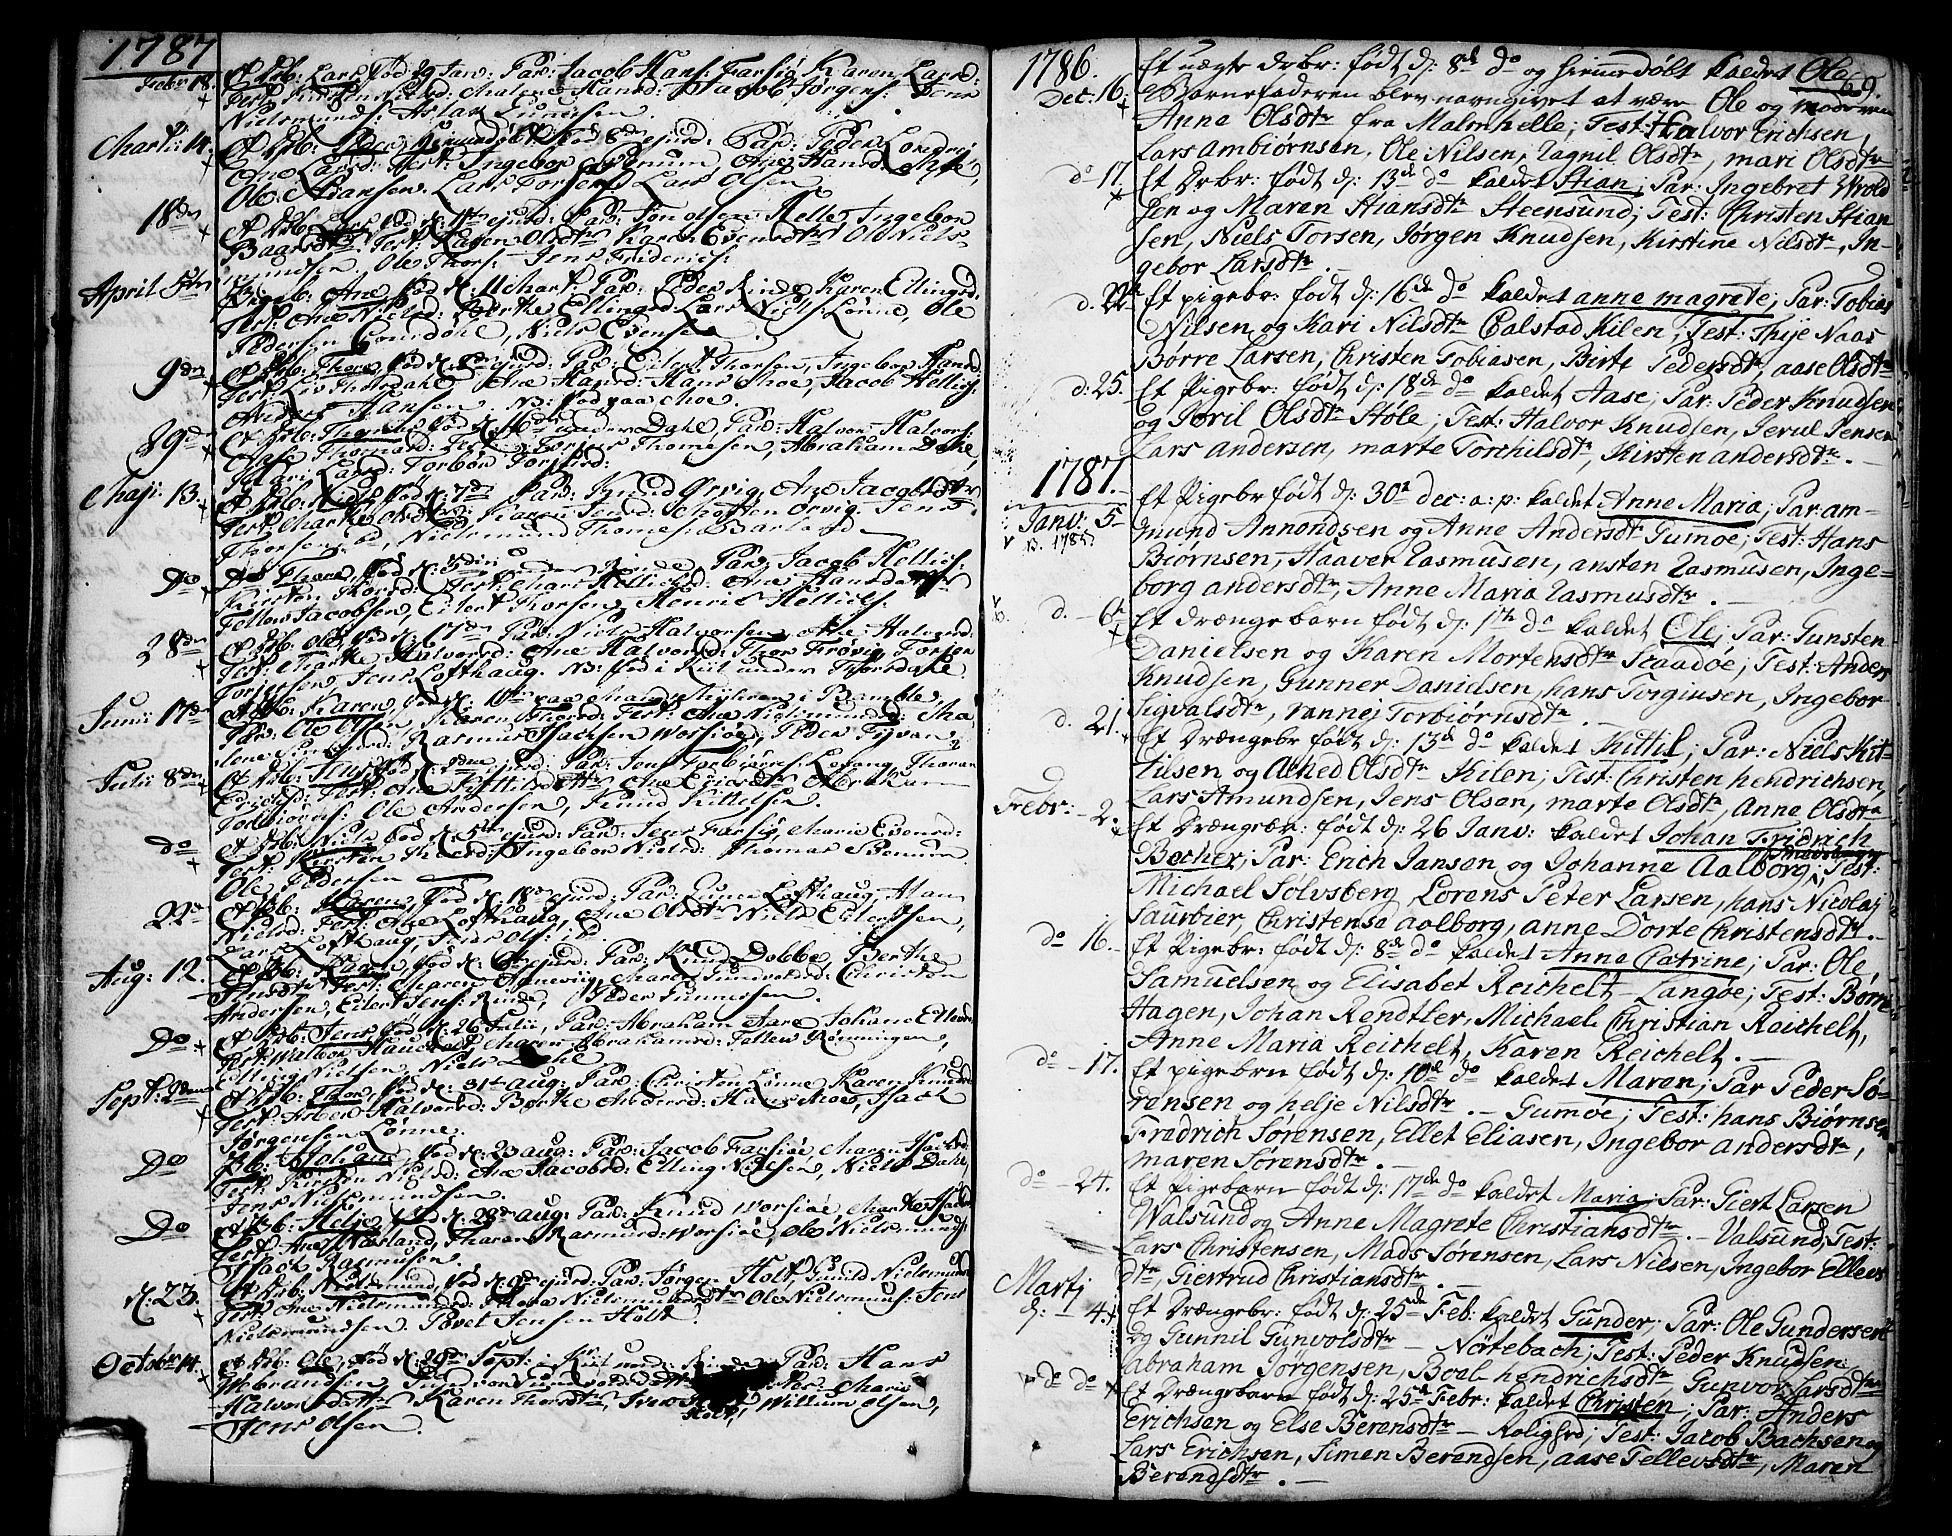 SAKO, Sannidal kirkebøker, F/Fa/L0002: Ministerialbok nr. 2, 1767-1802, s. 69